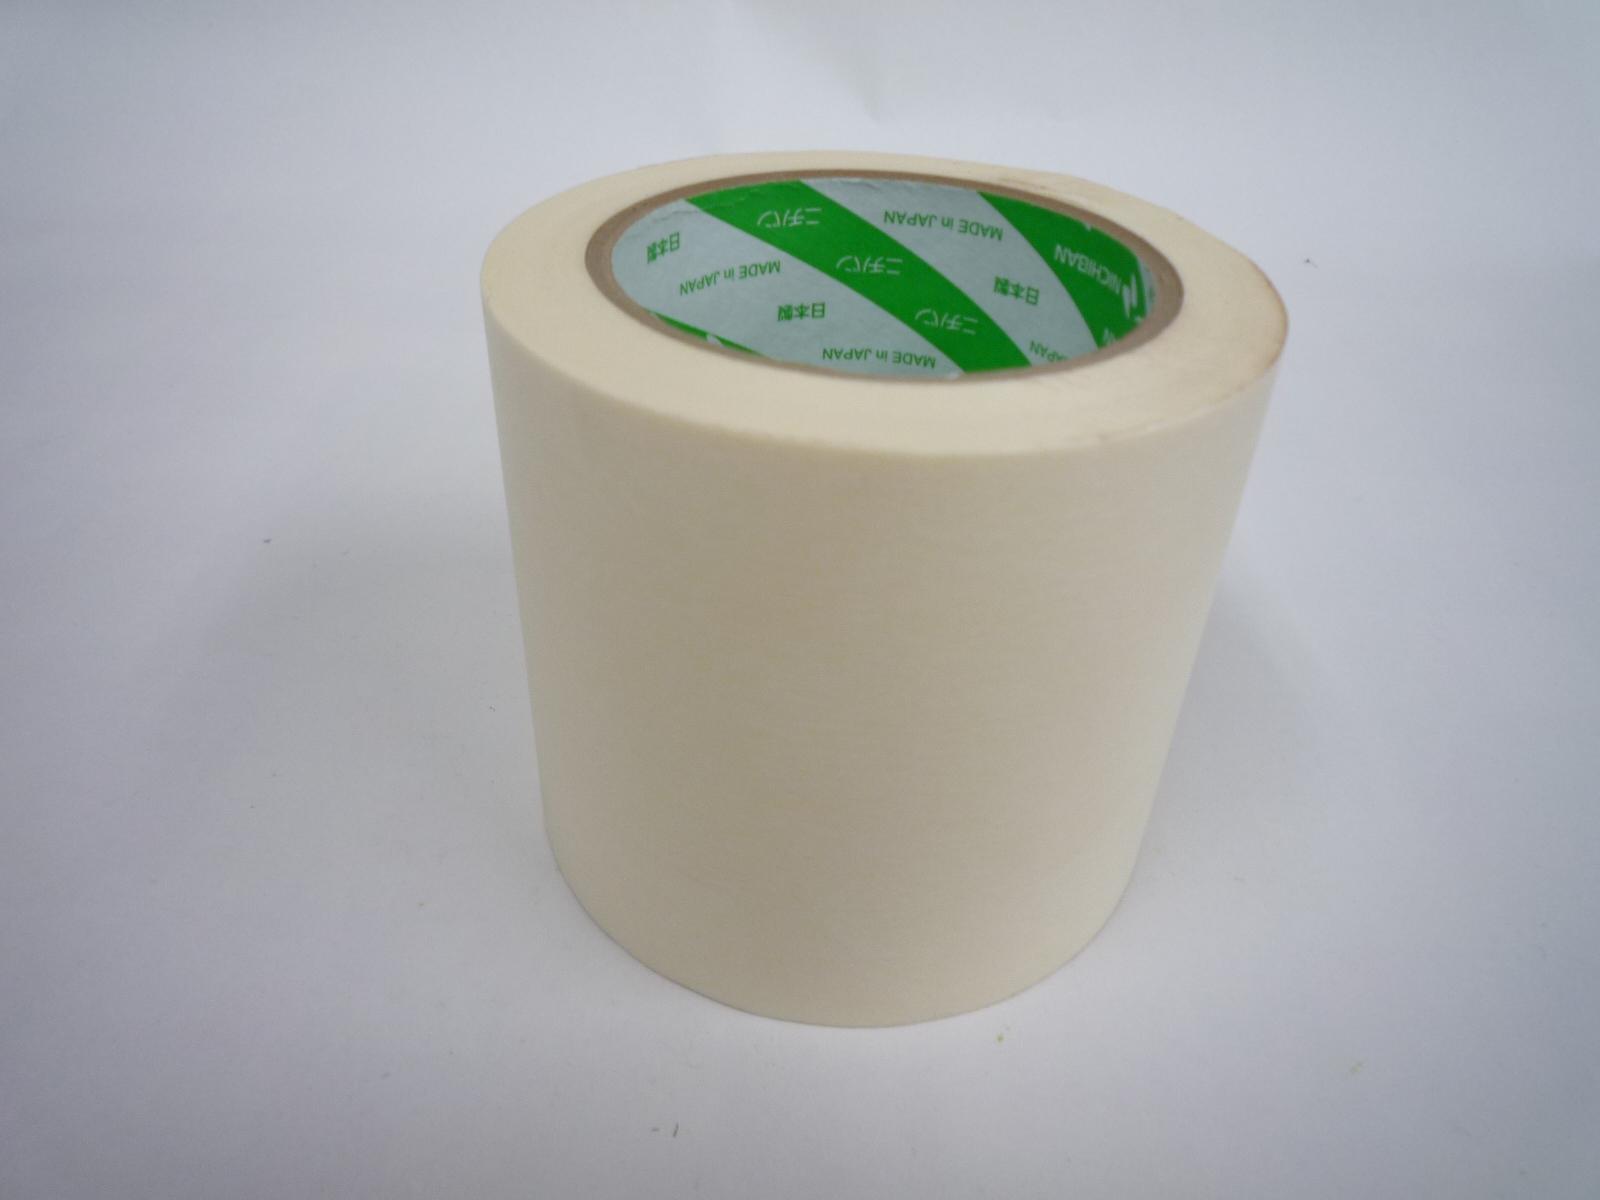 【 送料無料 】【 30巻 】 建築用 ホワイト マスキング テープ NO.251 100mm x 50m [ テープ 作業 建築 塗装 幅広 無地 白 ]